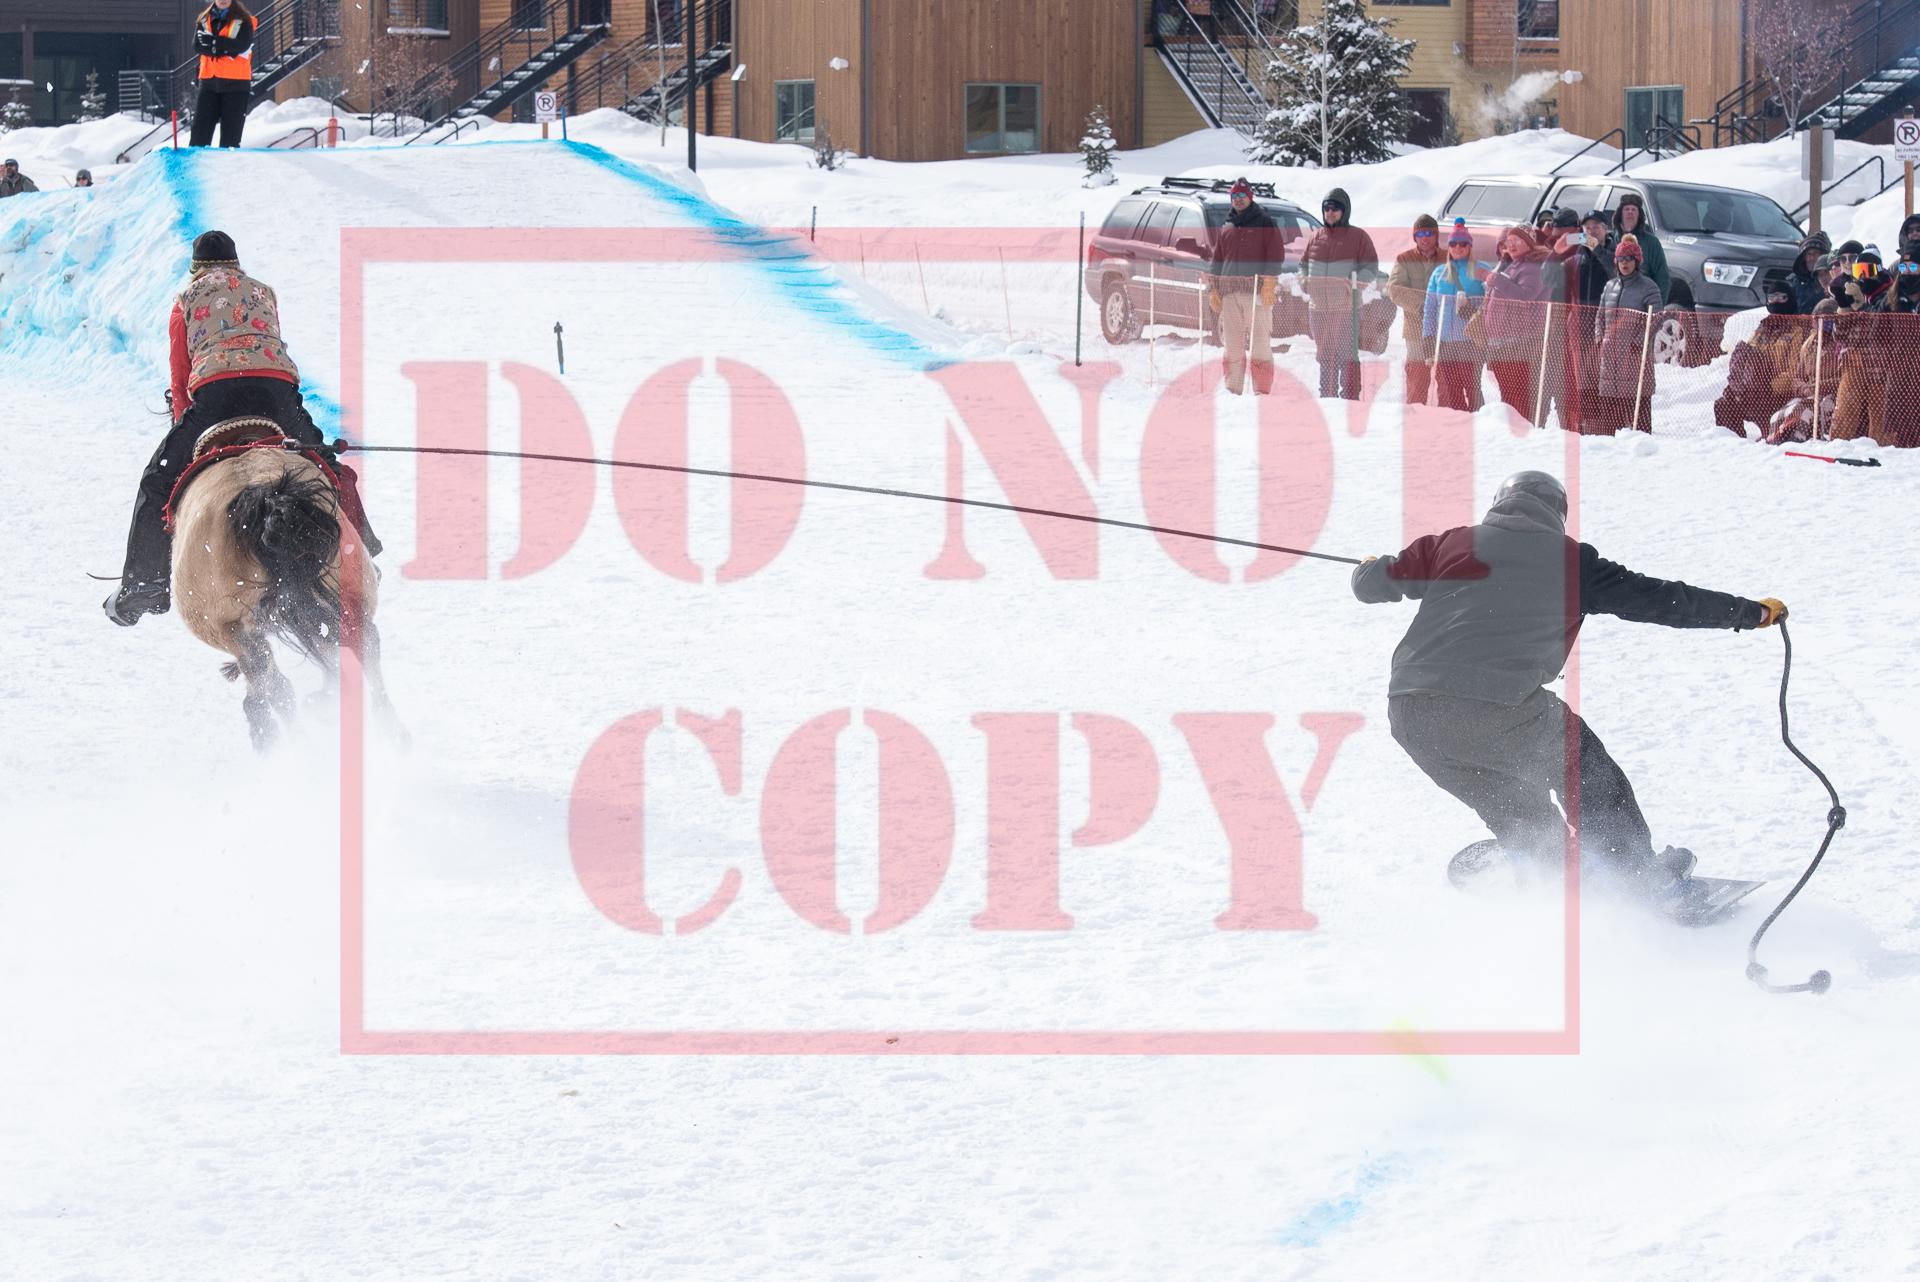 - Jennifer Butler - Snowboard 8